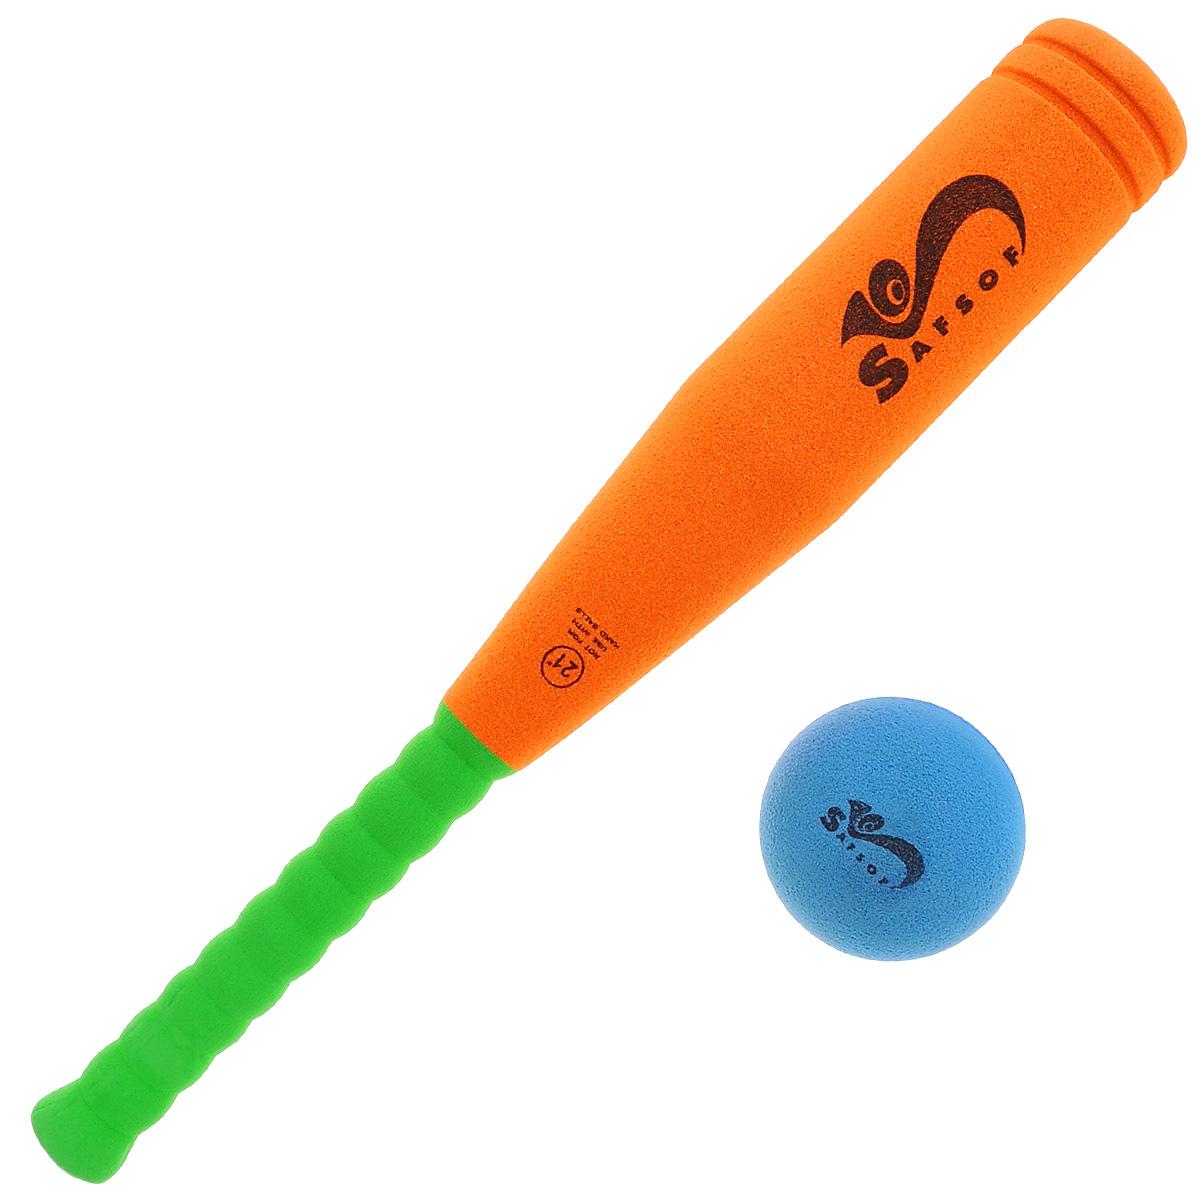 """Safsof Игровой набор Safsof """"Бейсбольная бита и мяч"""", цвет: оранжевый, зеленый, синий"""